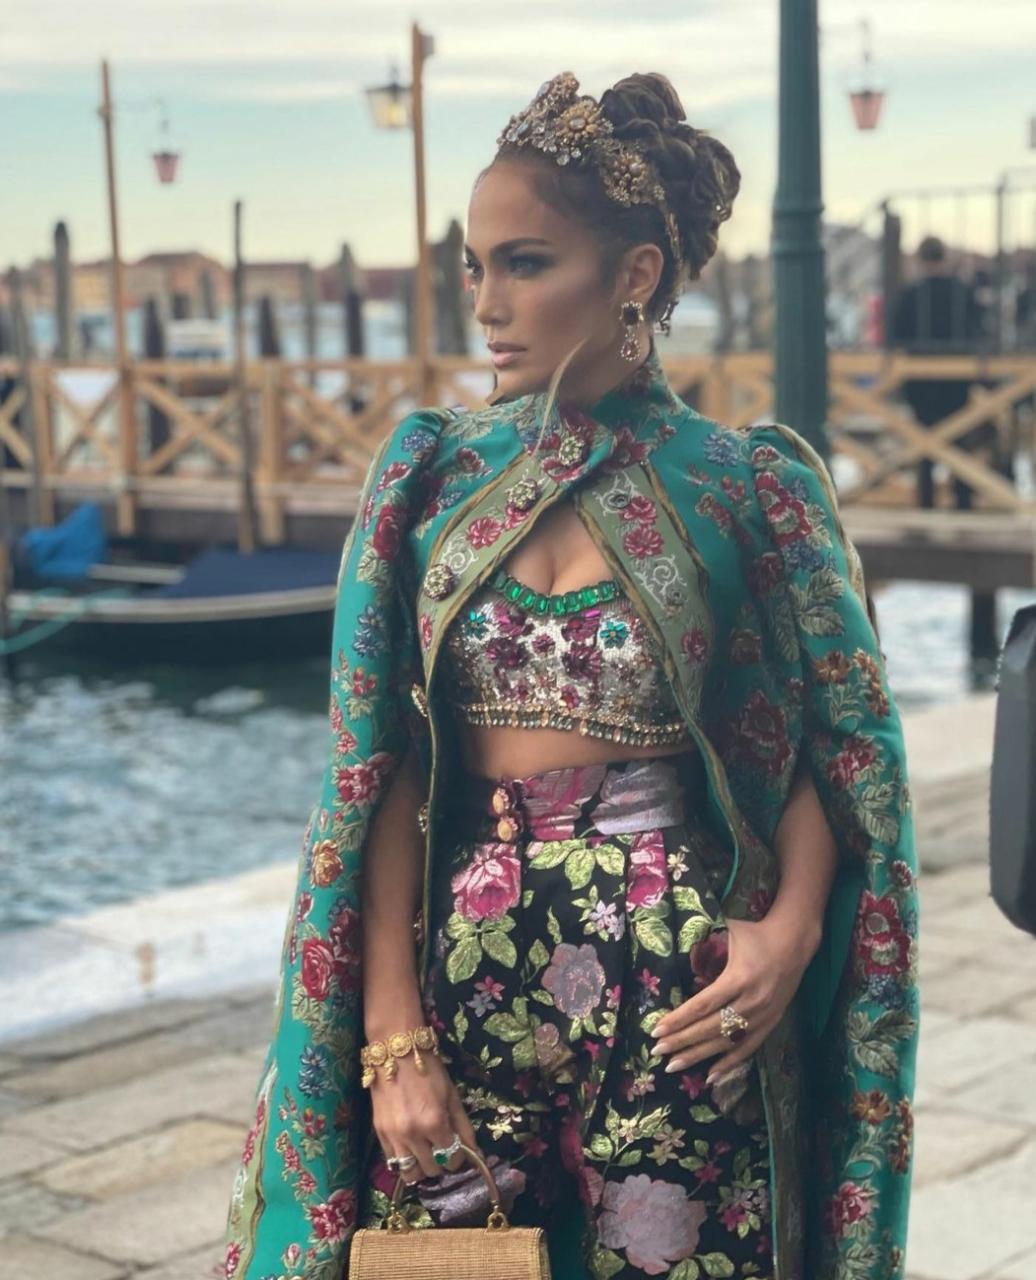 Sfilata ekstravagante e Dolce Gabanna-s, Jennifer Lopez ylli i saj (FOTO)